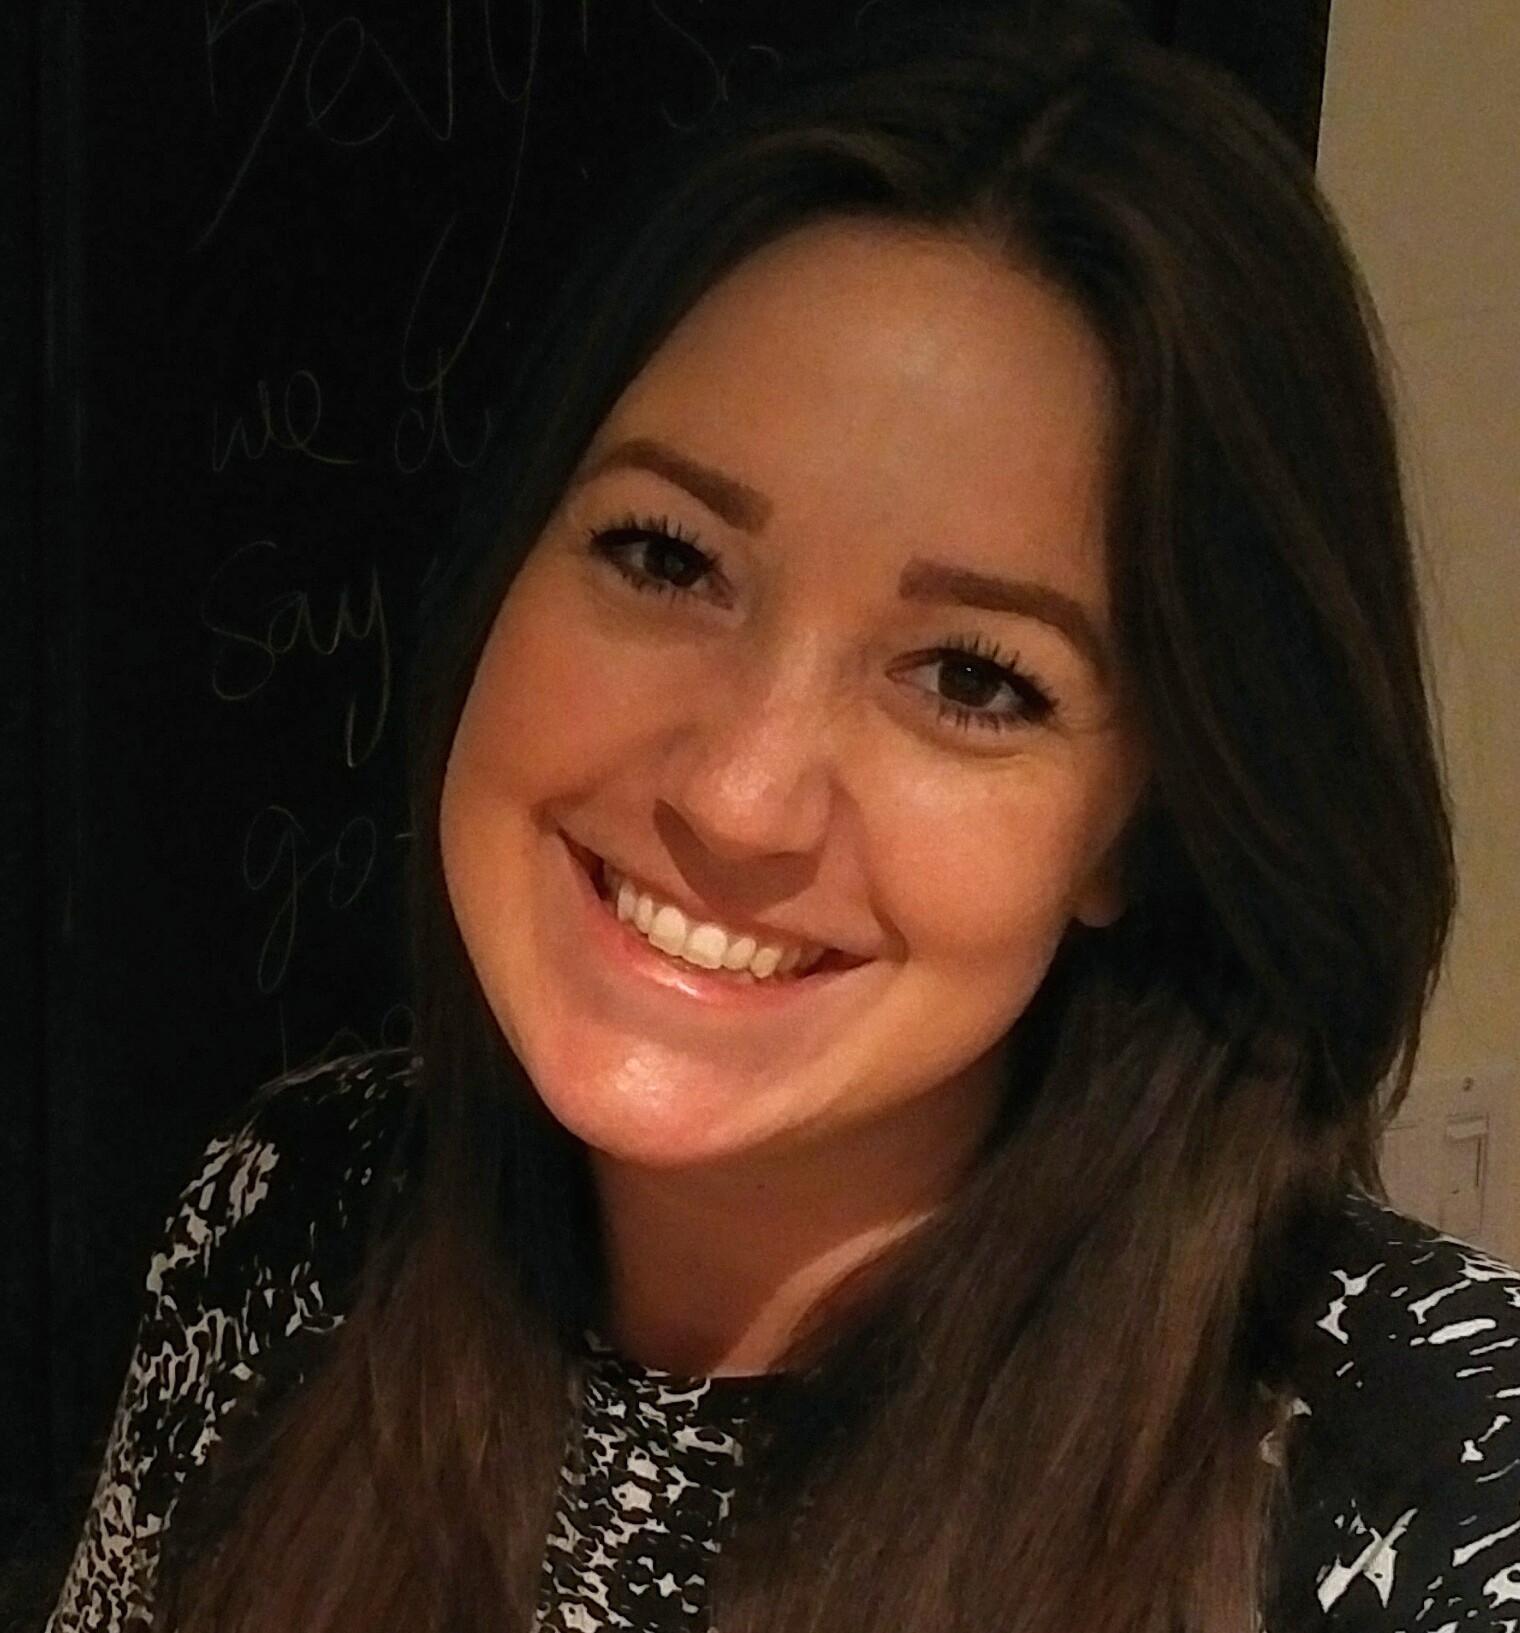 Tamara Vuckovic